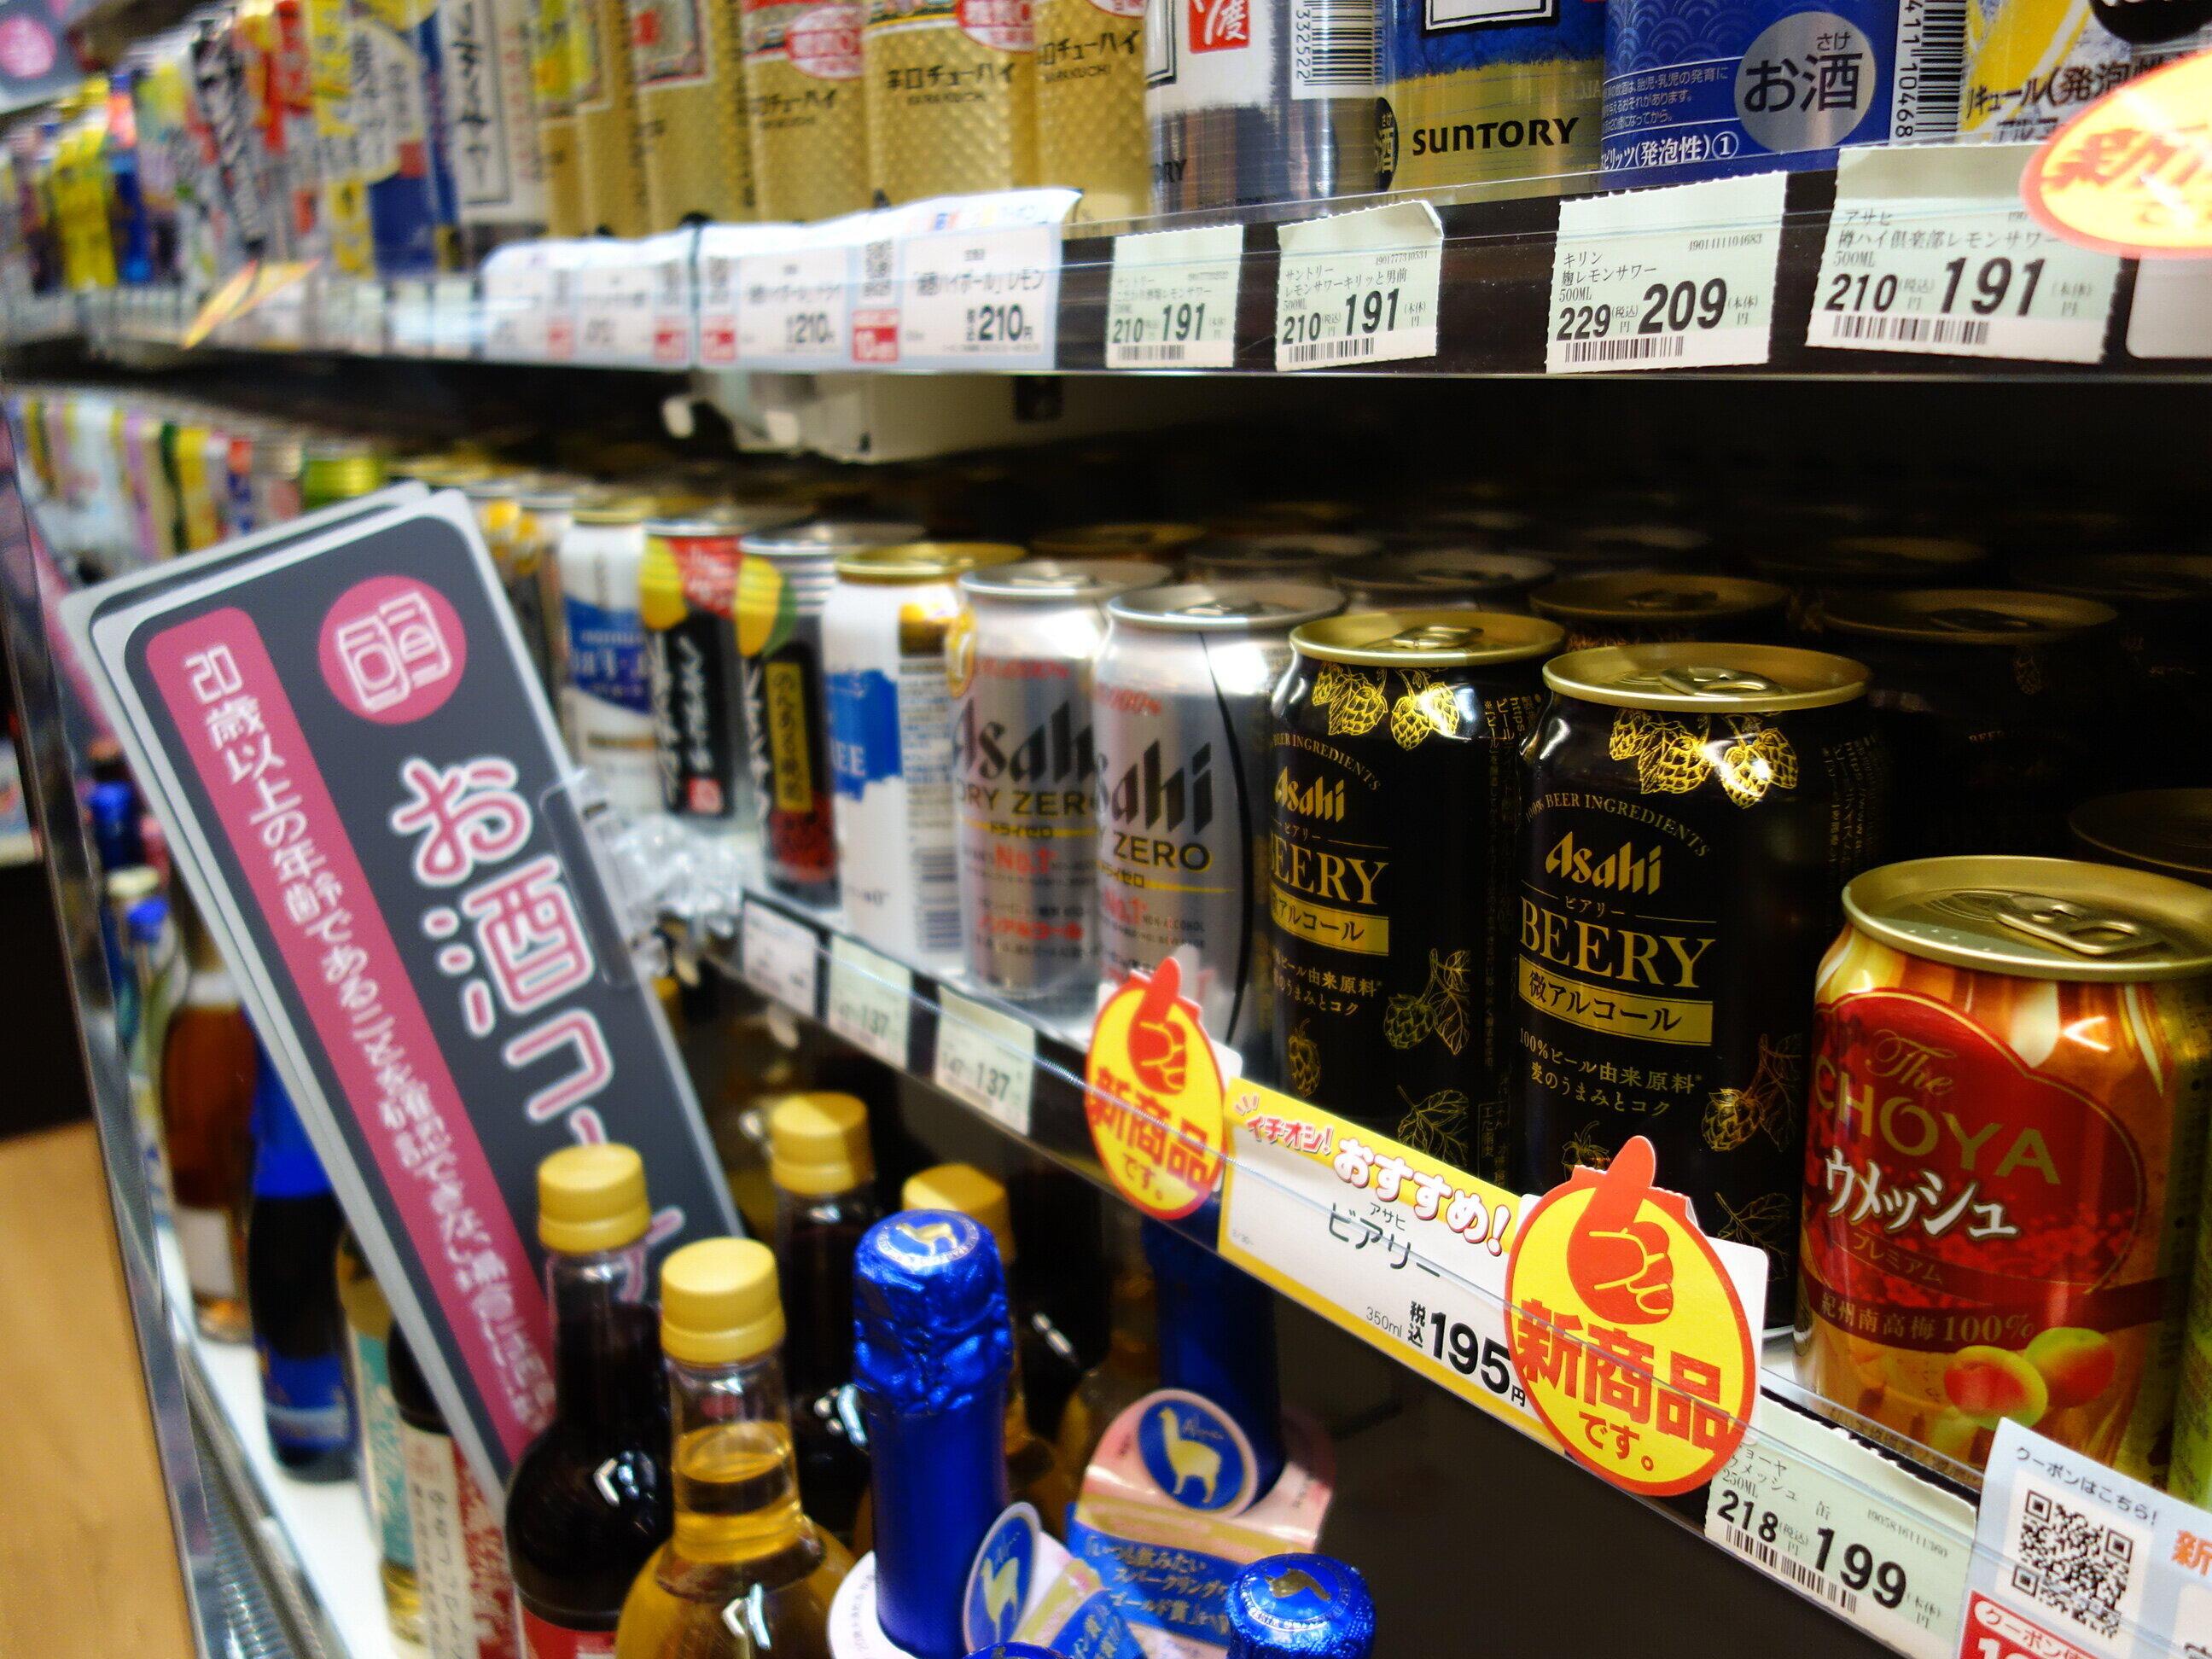 アルコール分0.5%の炭酸飲料「アサヒ ビアリー」、1都9県で3月30日発売